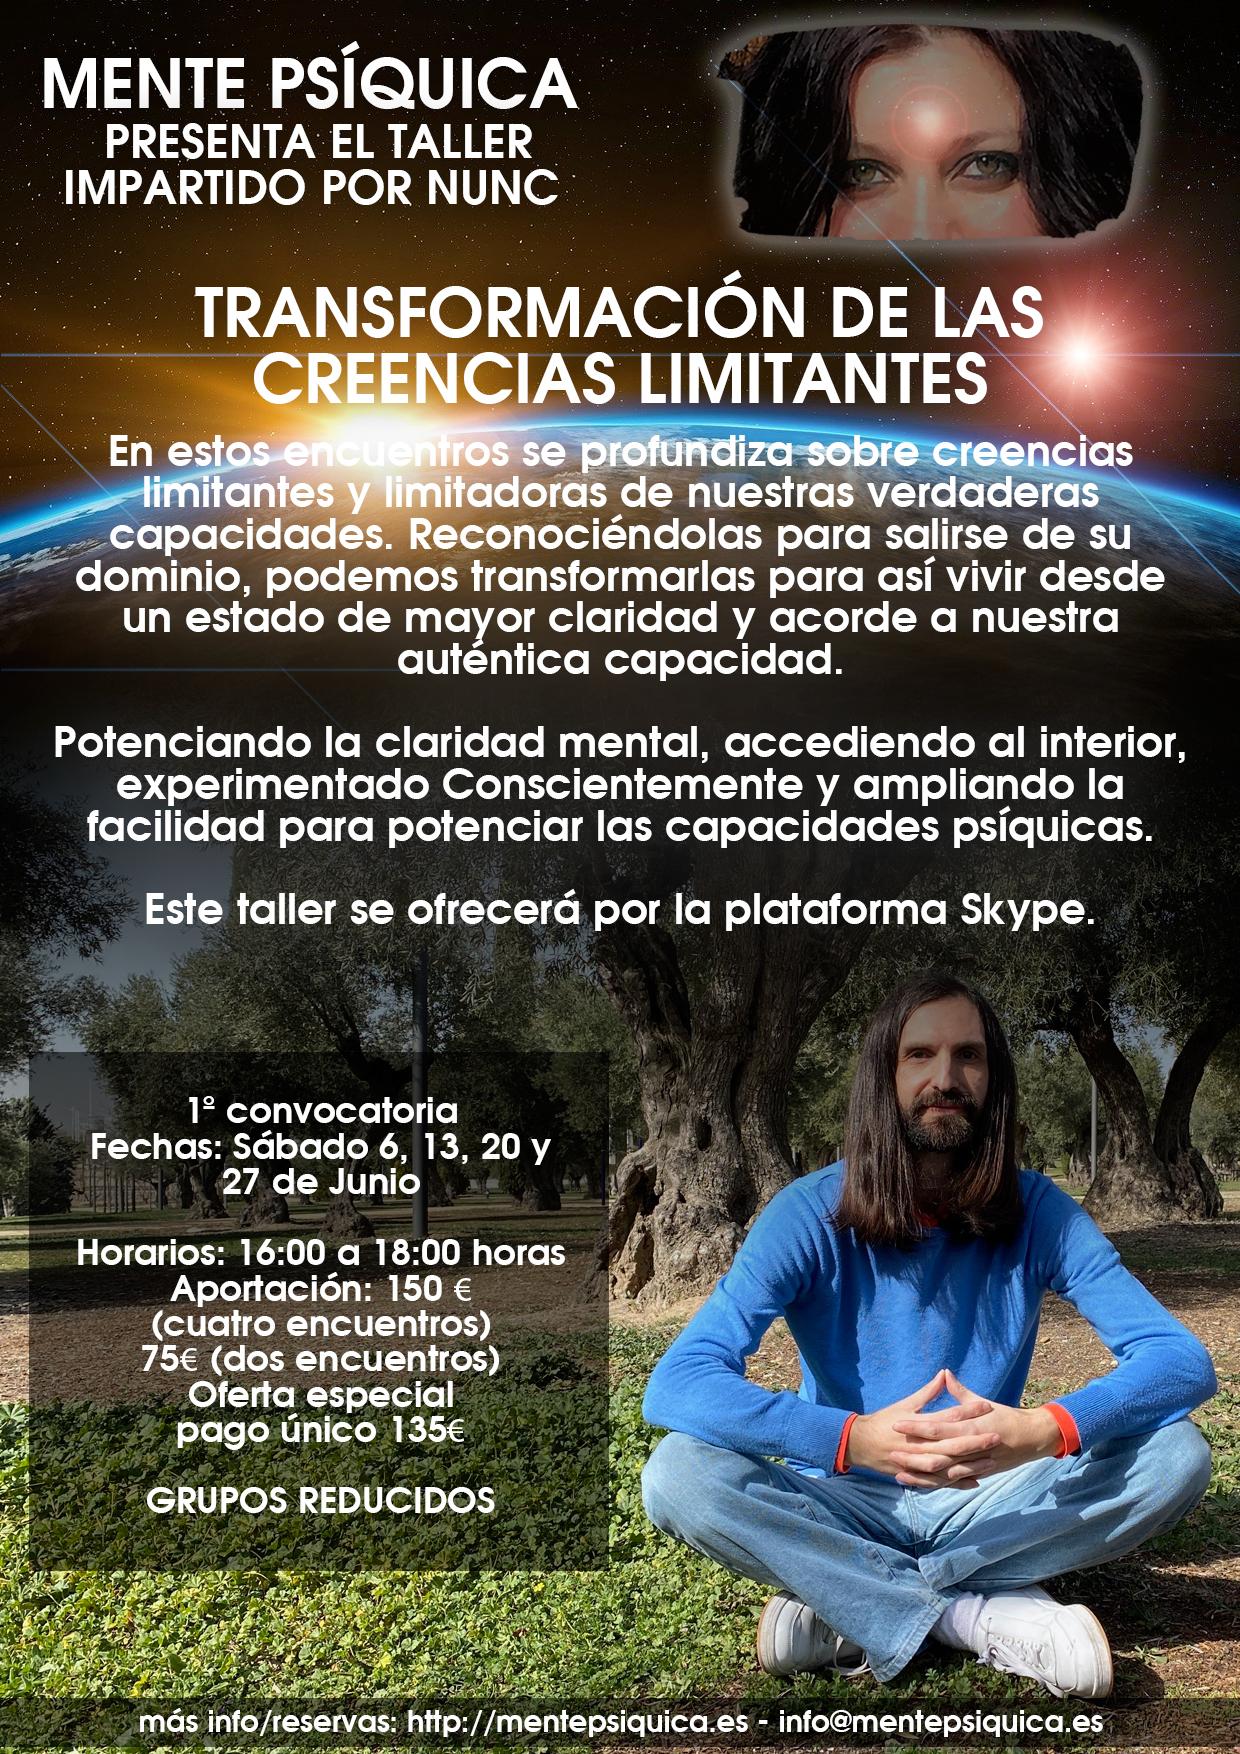 Nunc, orador consciencial, autor de varios libros de Consciencia, cuyo contenido está dotado de vida al ser escritos desde la experiencia, con una energía que ayuda a la transformación del lector.